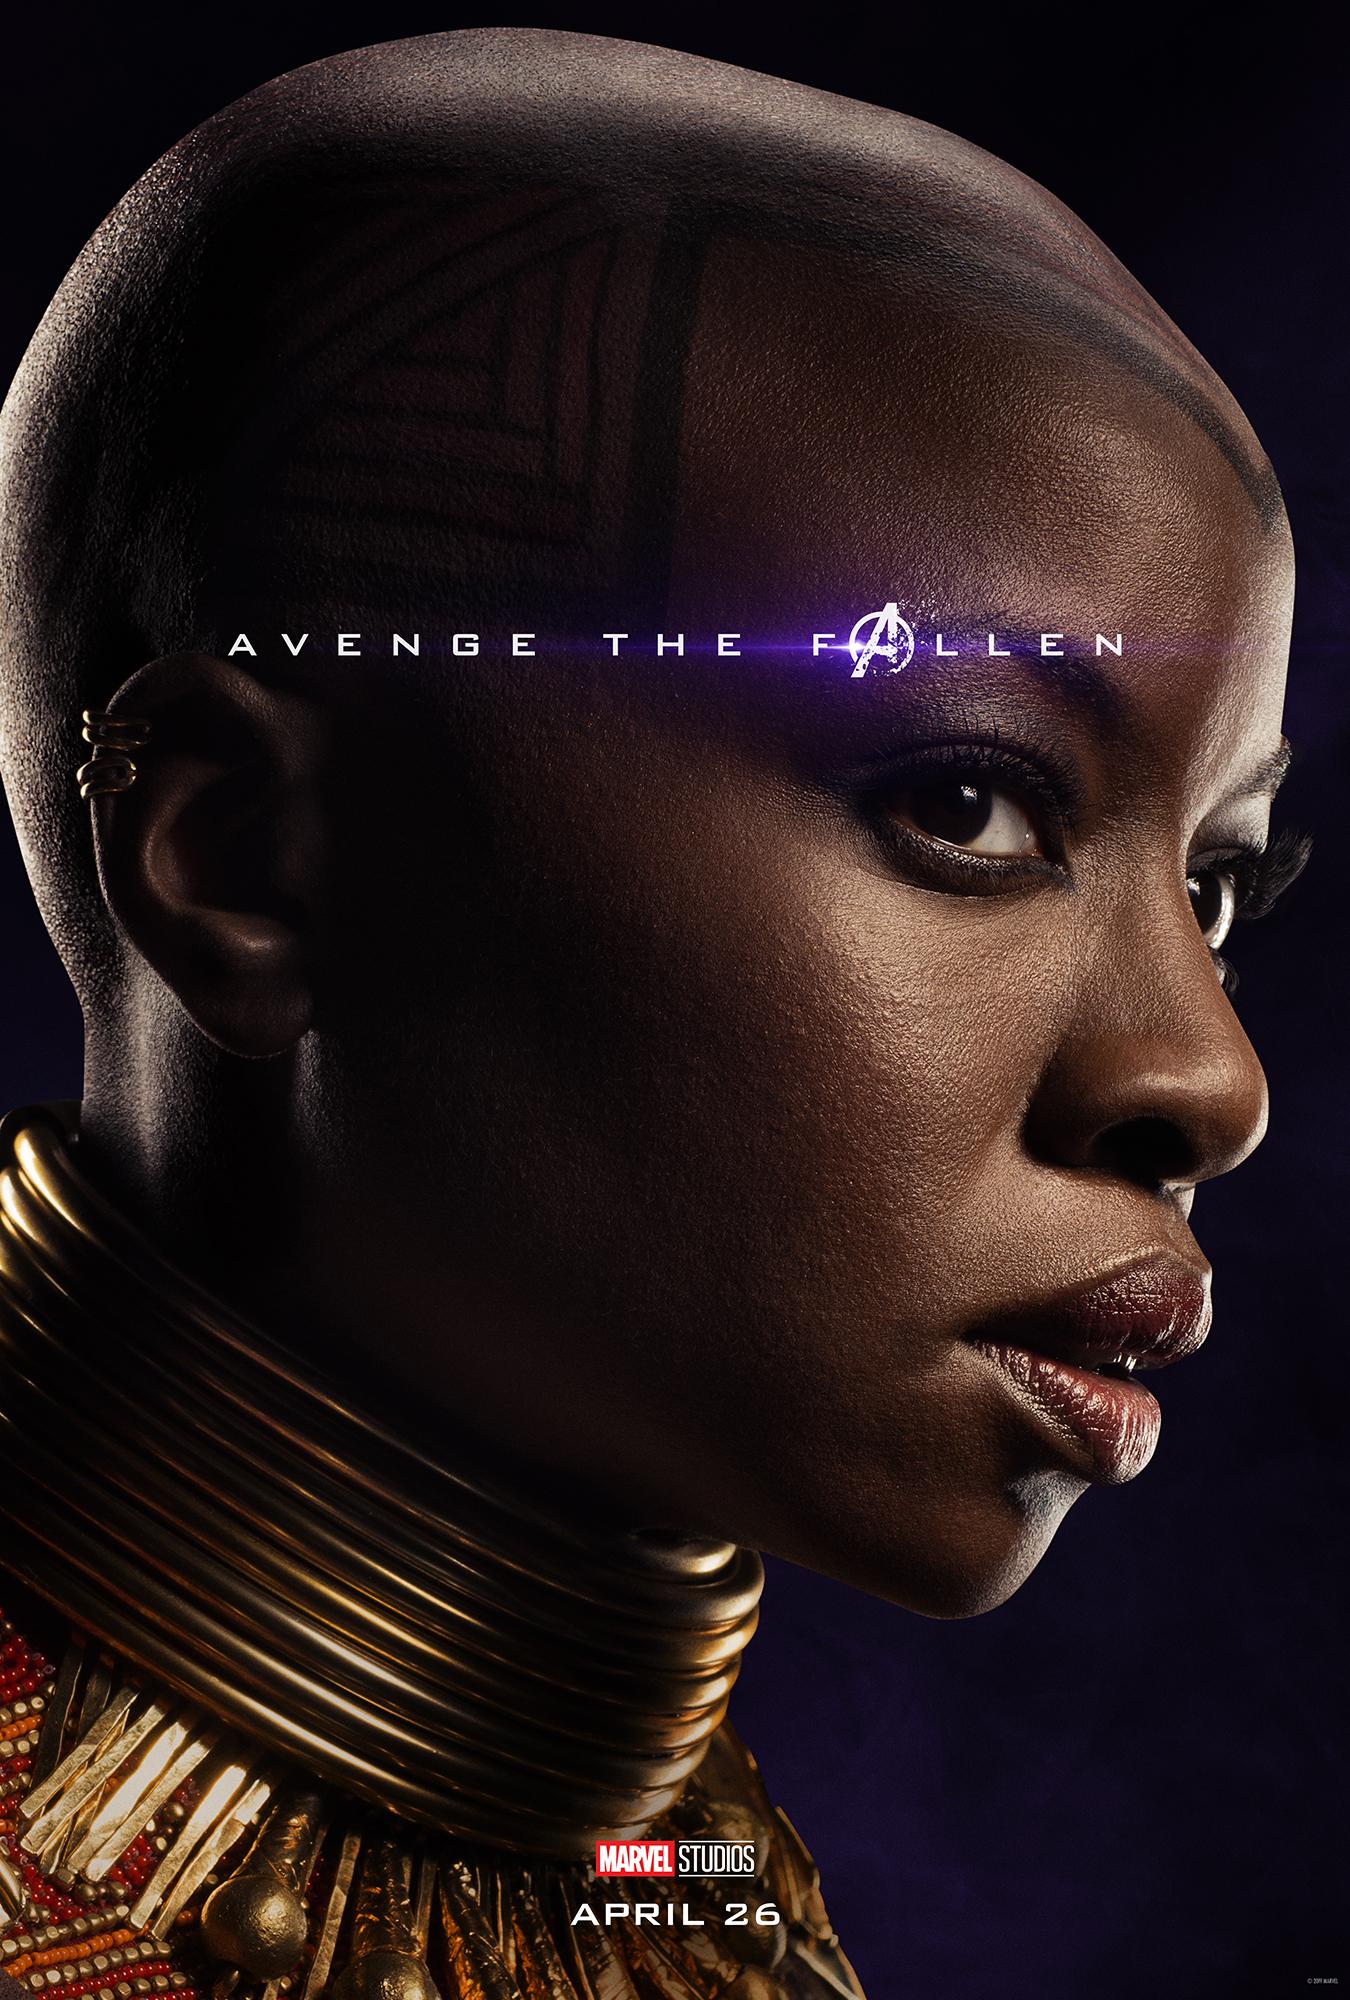 Avengers_Endgame_Char1Sht_Okoye_Avenge_mech1_FS_100dpi.jpg